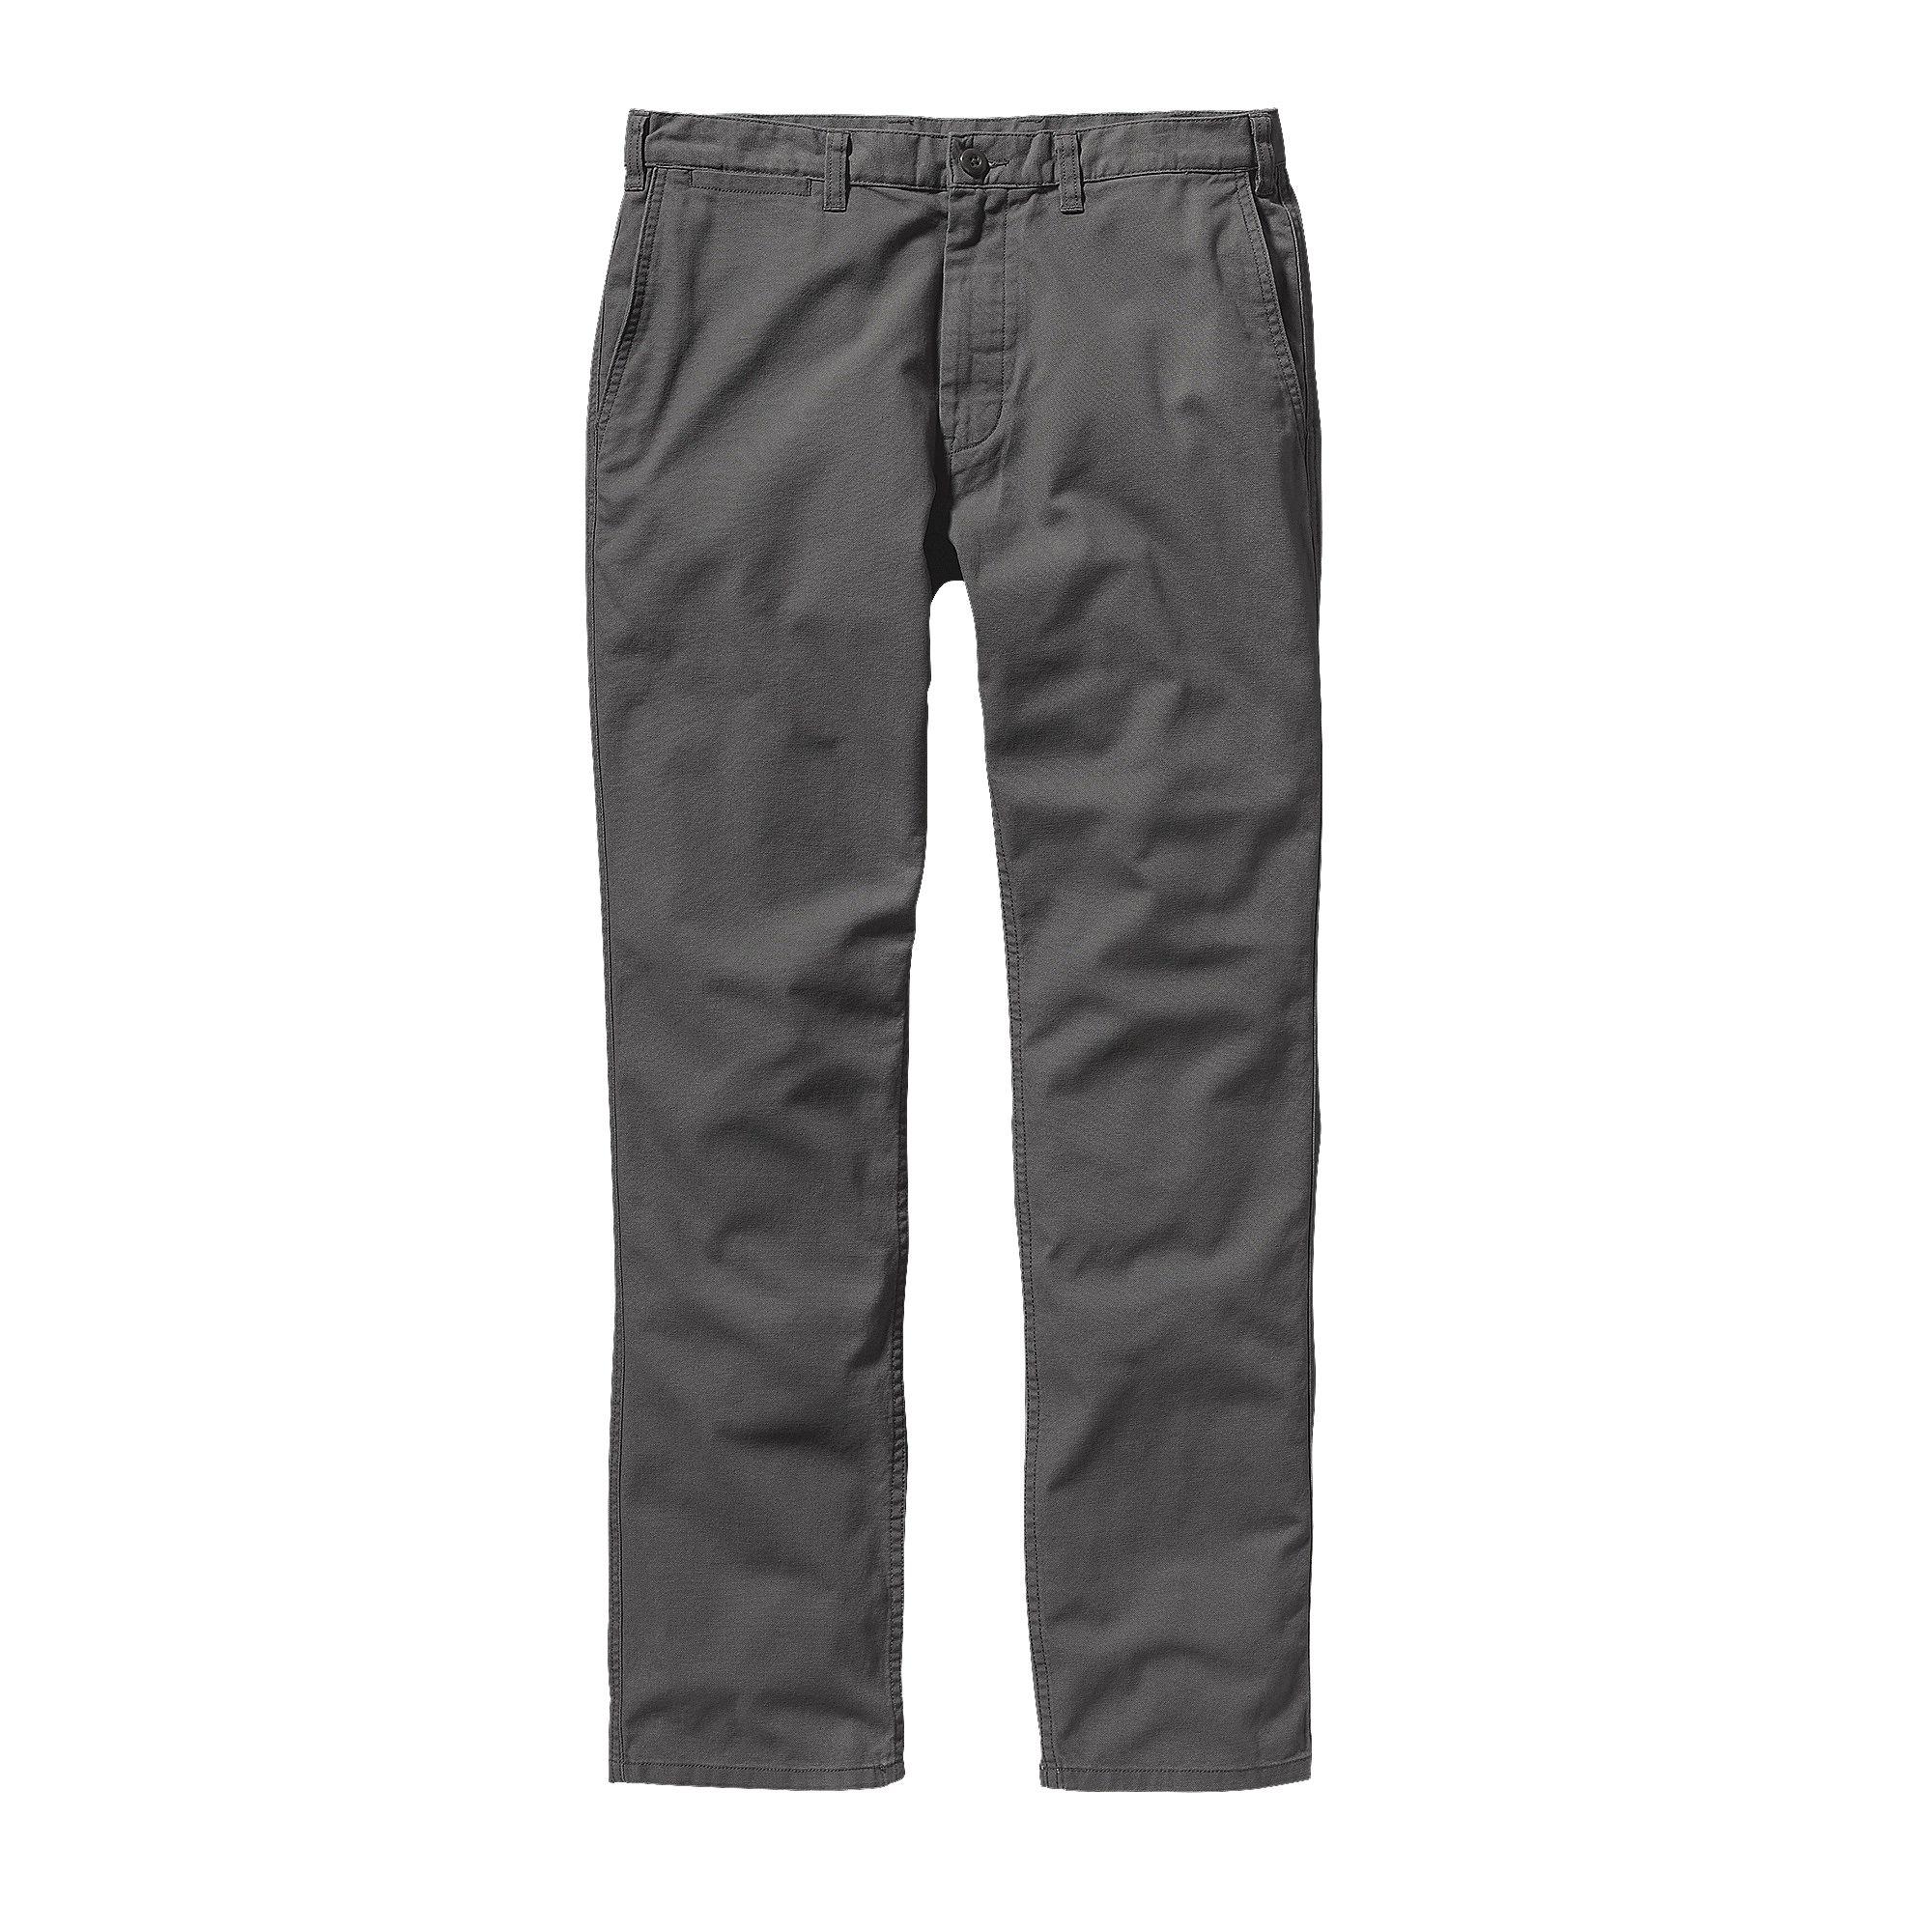 PATAGONIA MEN'S STRAIGHT FIT DUCK PANTS - REGULAR (55880)